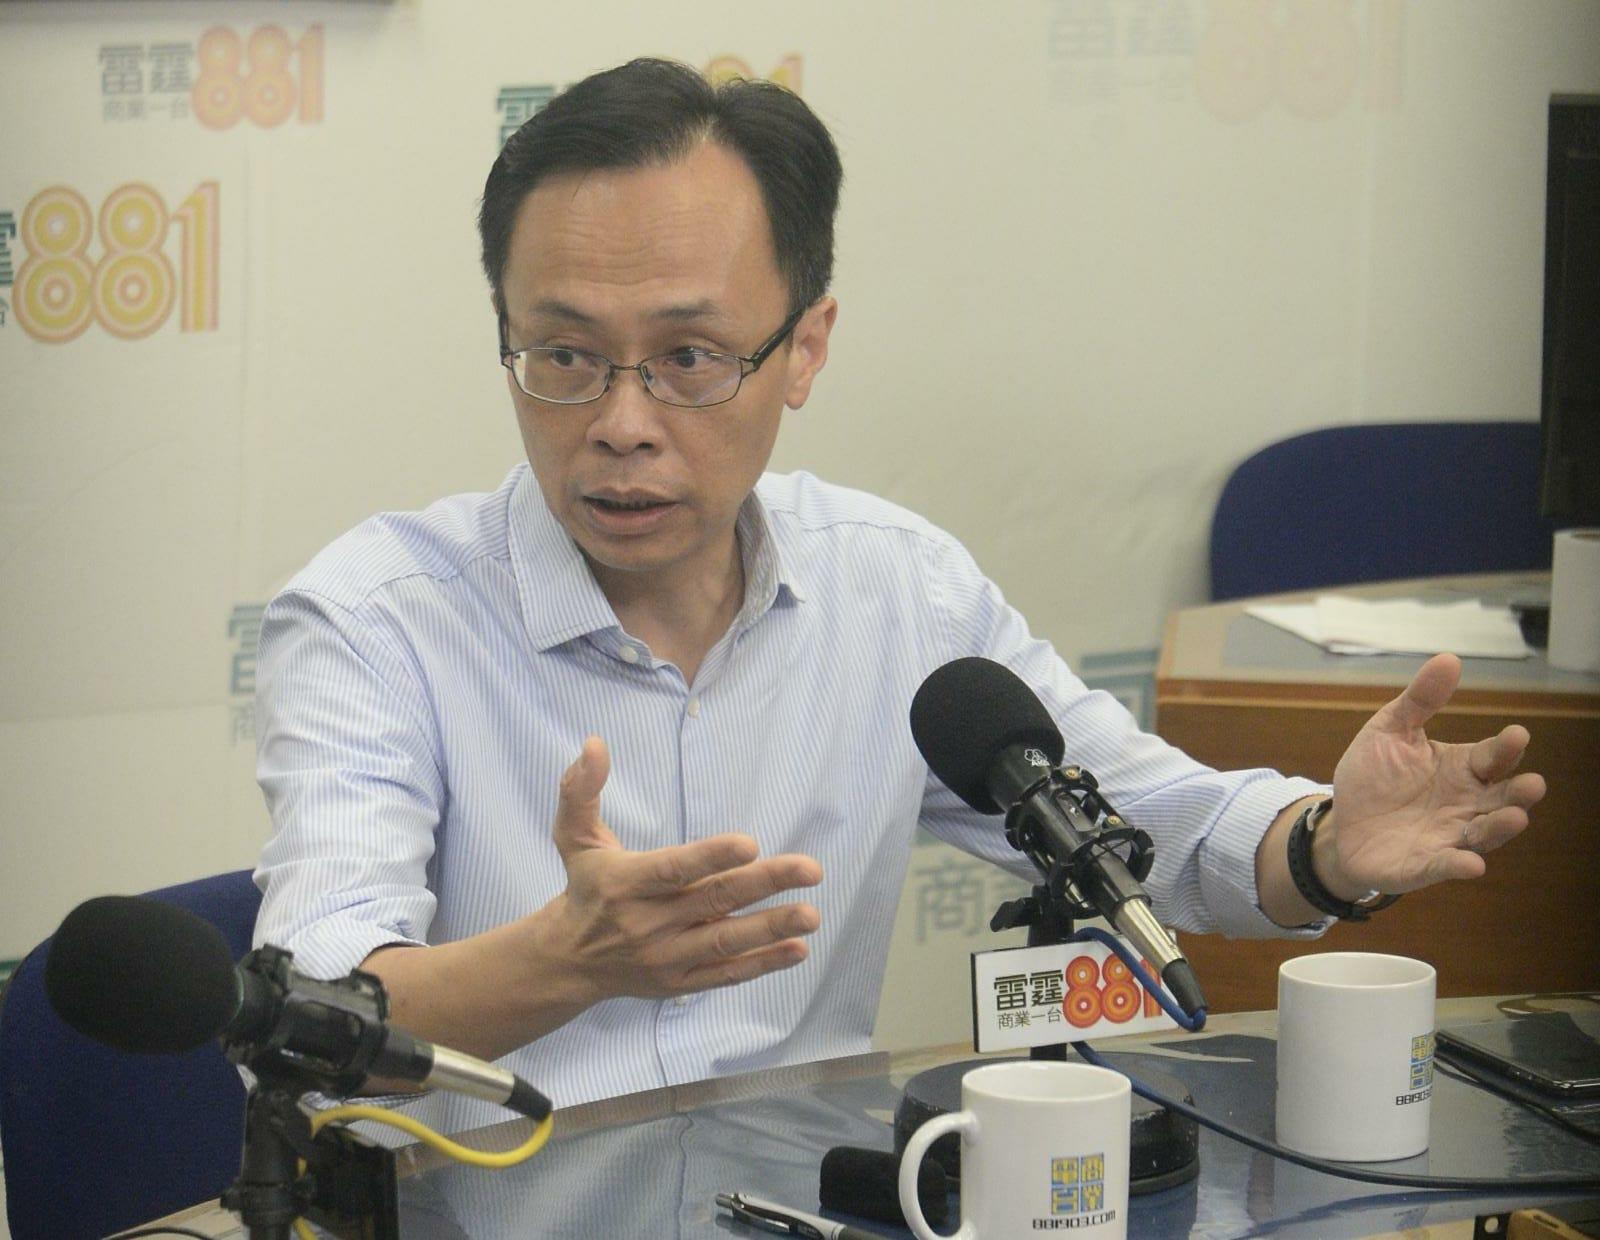 聶德權直指陳浩天在FCC的演講是鼓吹「港獨」。